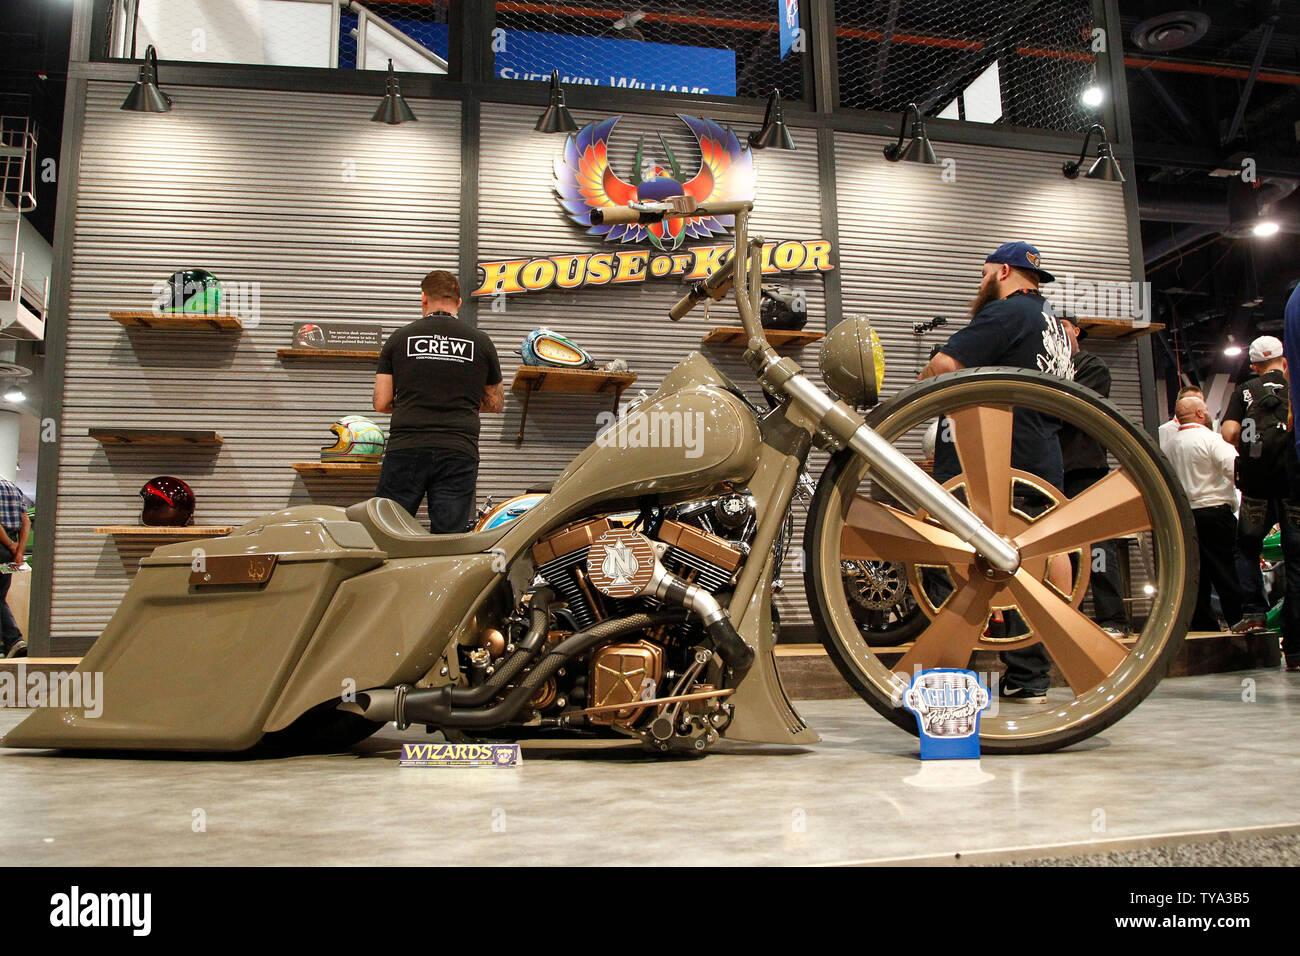 Un customzied Harley-Davidson Street Glide moto sur l'affichage pendant la SEMA Show 2018, au centre des congrès de Las Vegas à Las Vegas, Nevada, le 30 octobre 2018. Photo de James Atoa/UPI Banque D'Images